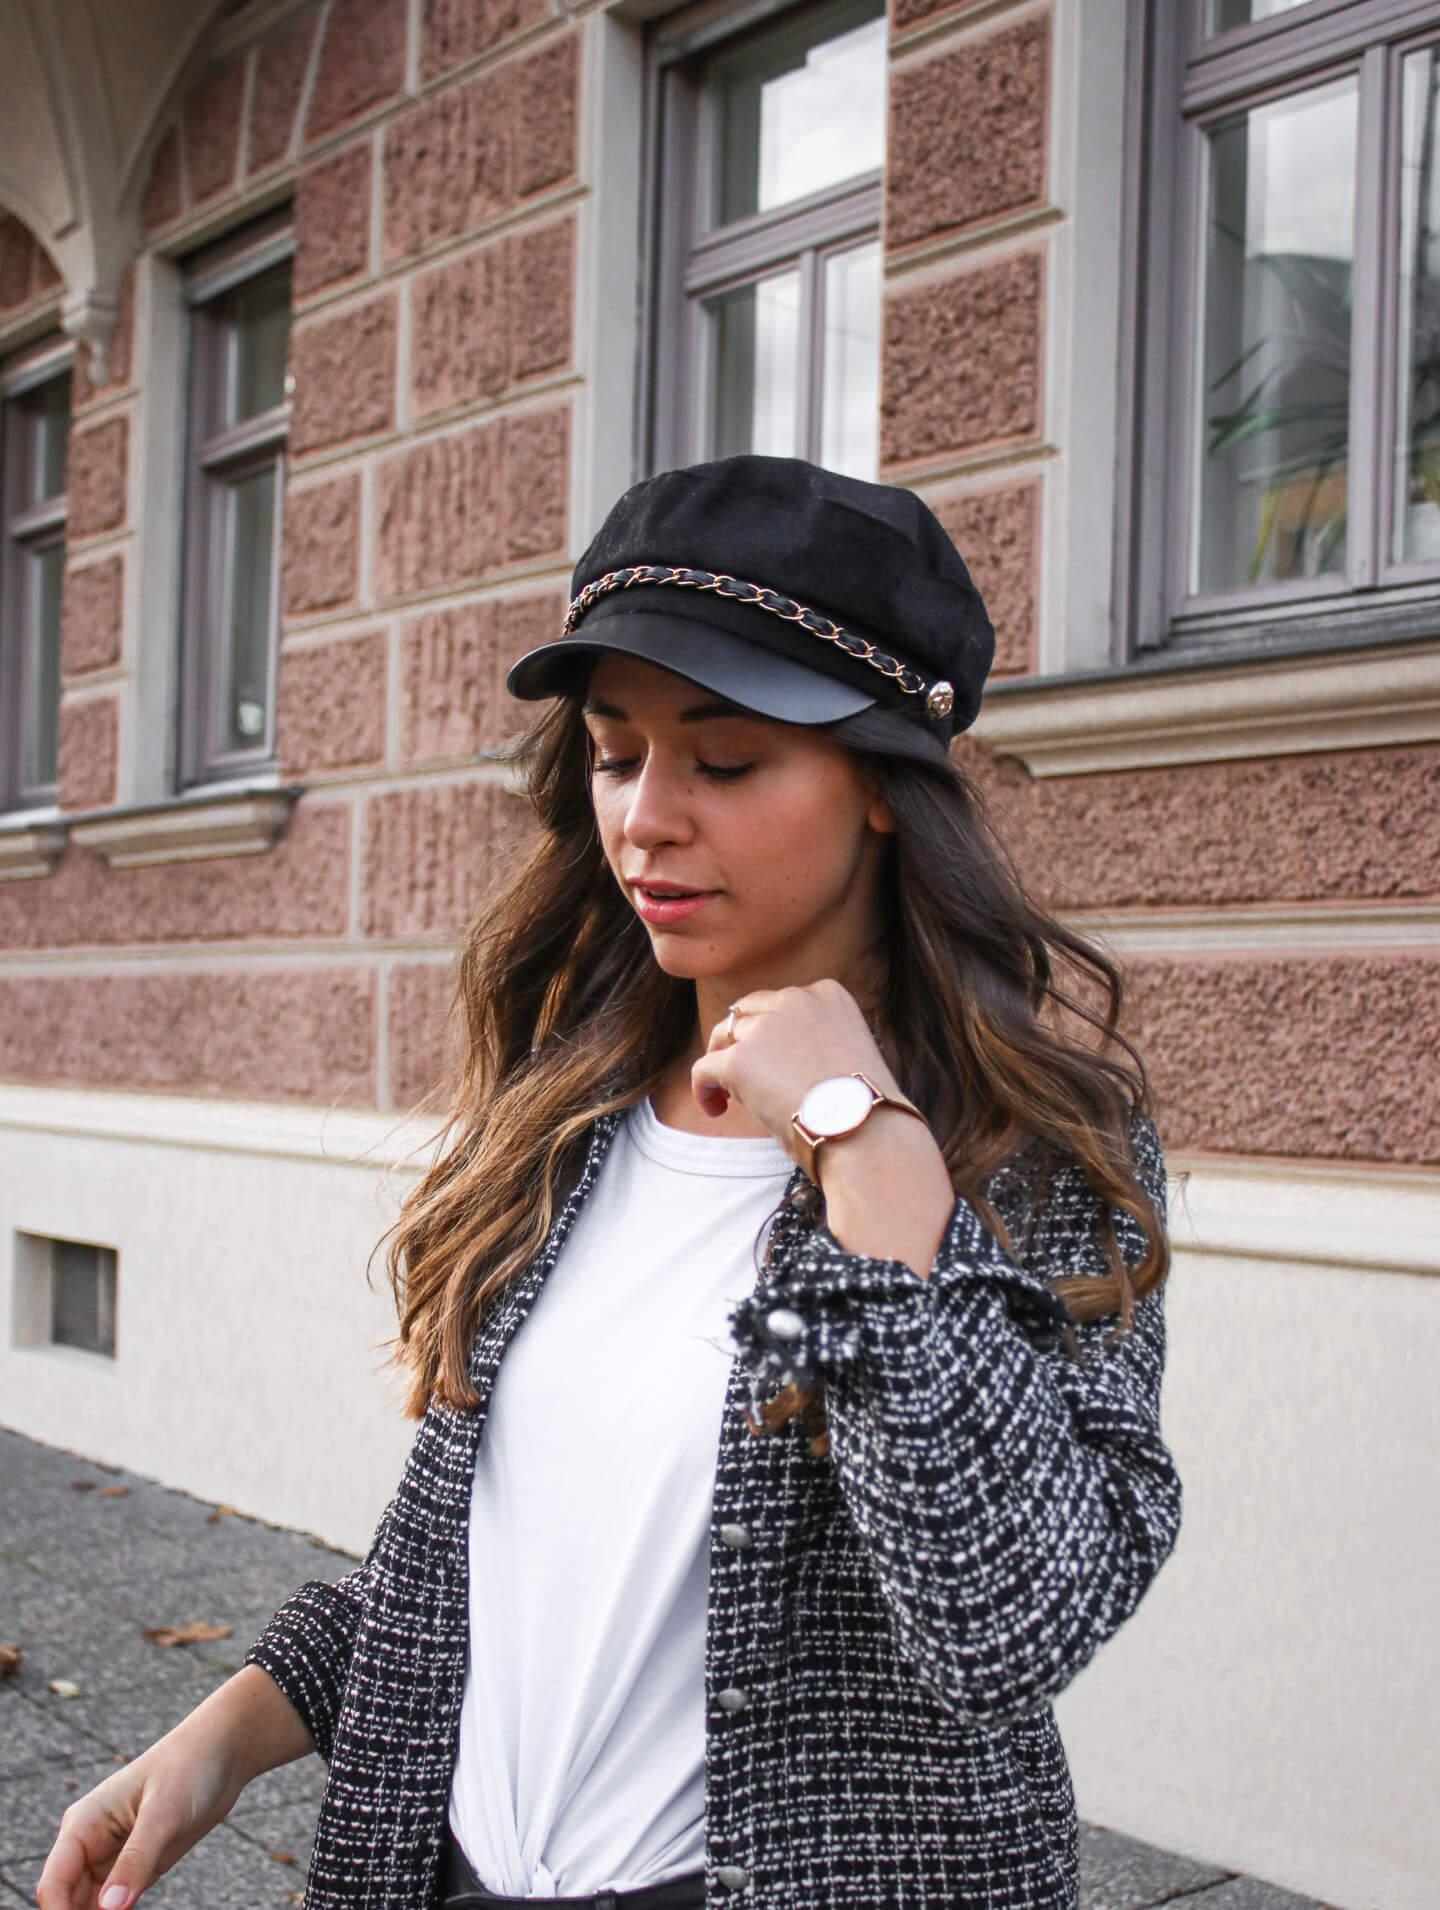 Tweedjacke kombinieren - wie stylen wir den Tweedtrend 2020